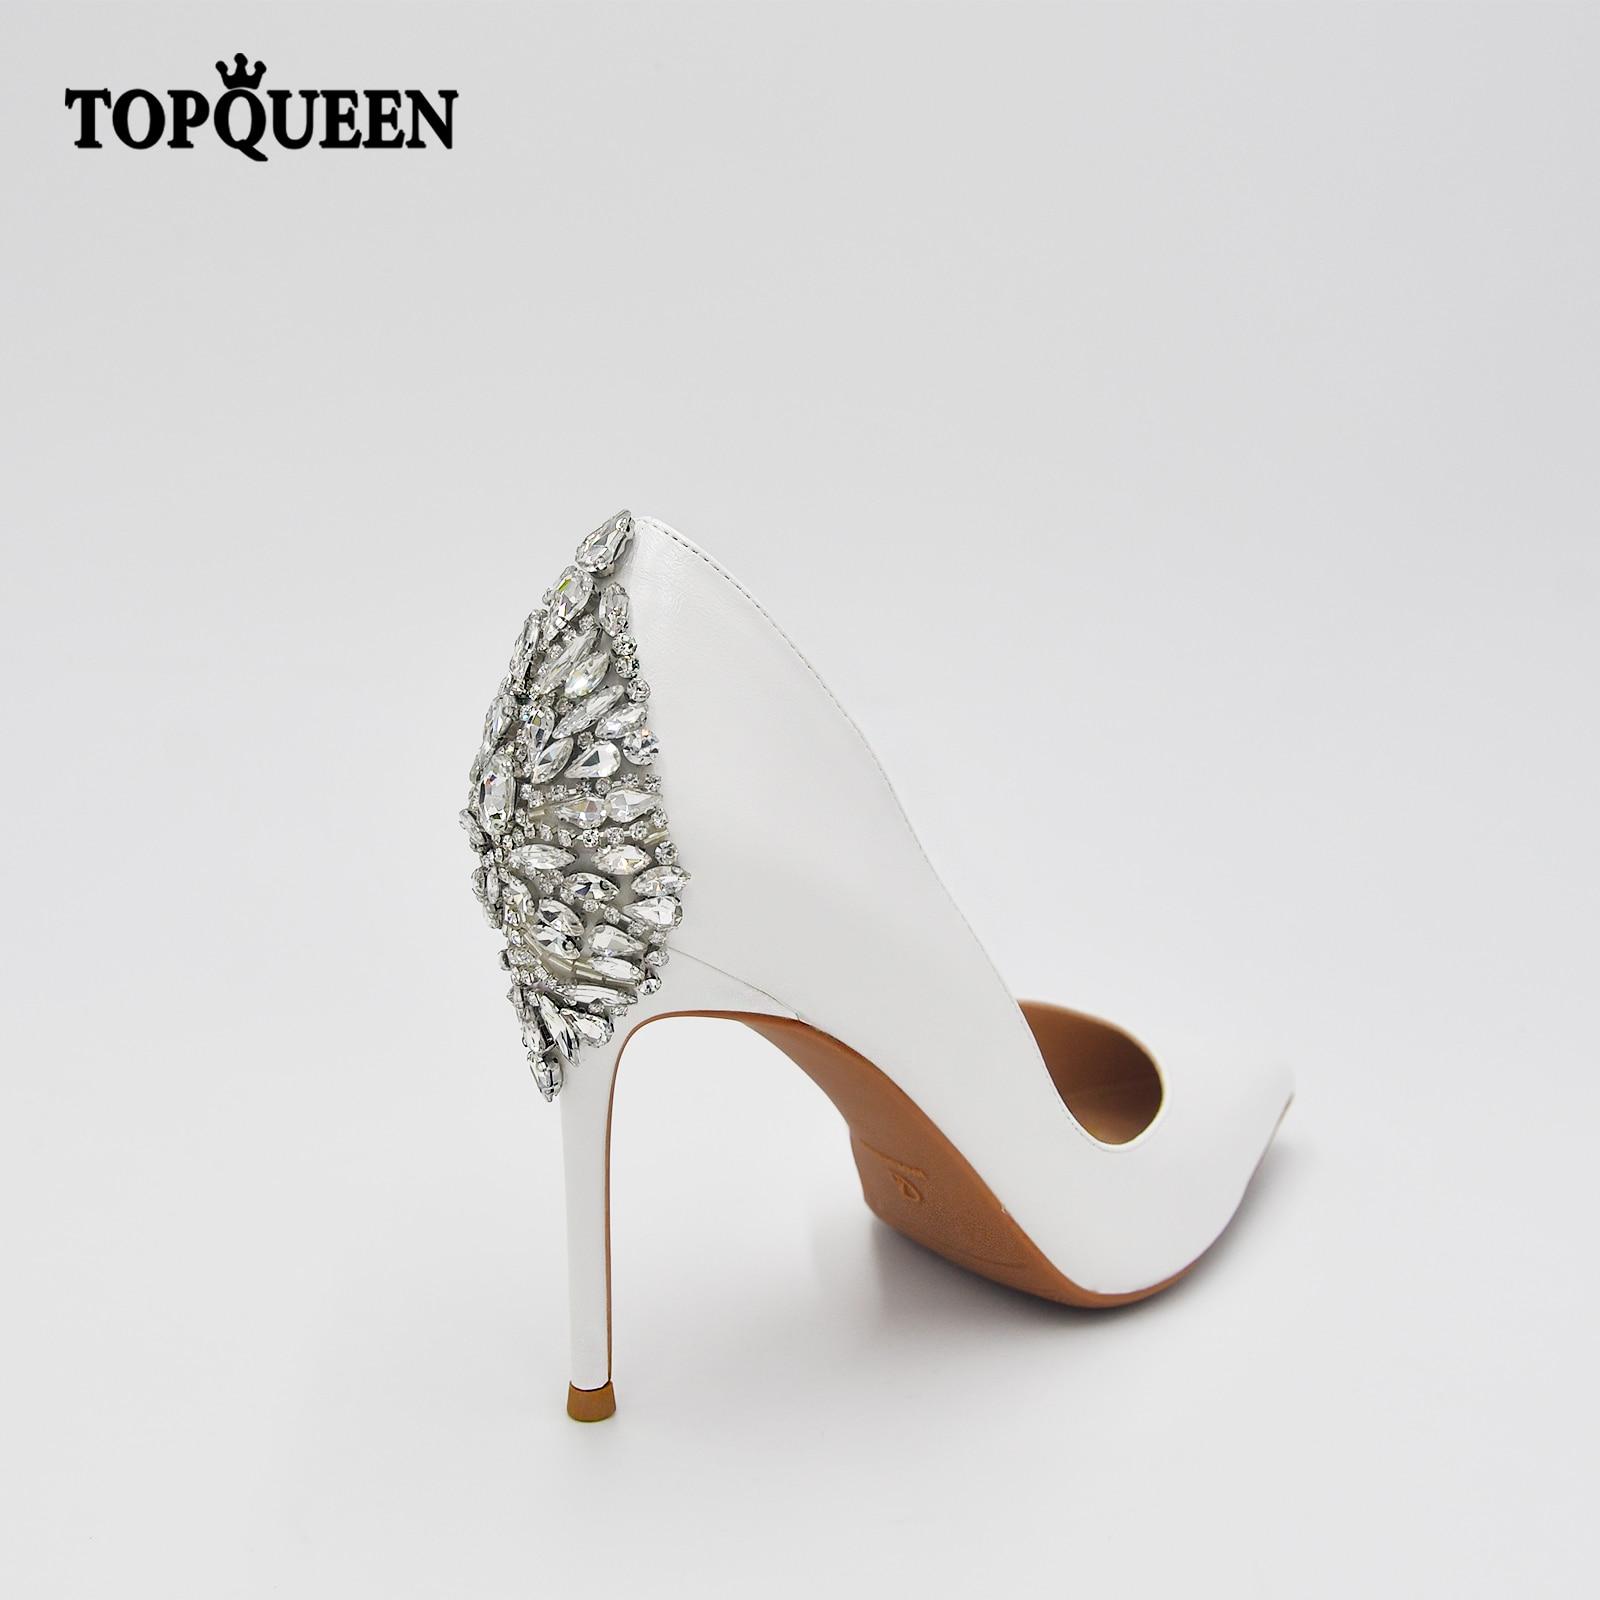 TOPQUEEN A18 أحذية الزفاف موضة حجر الراين الأبيض الكعوب الصيف الصنادل وأشار فستان الزفاف أحذية الحفلات للانضمام إلى مأدبة